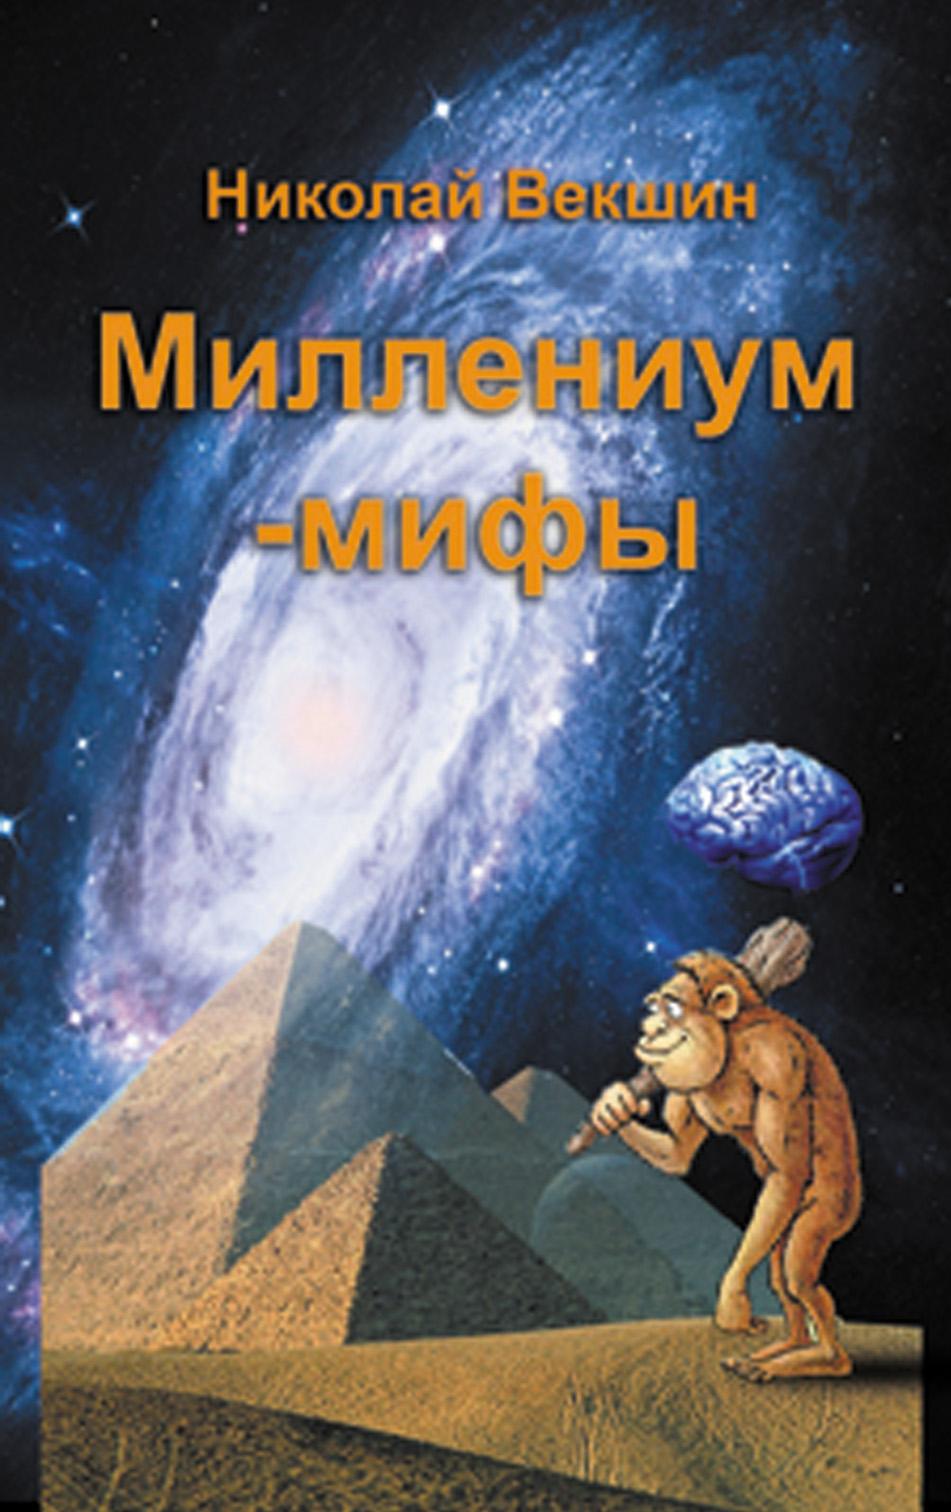 Н. Л. Векшин Миллениум-мифы (сборник) н л векшин три с половиной мушкетера сборник